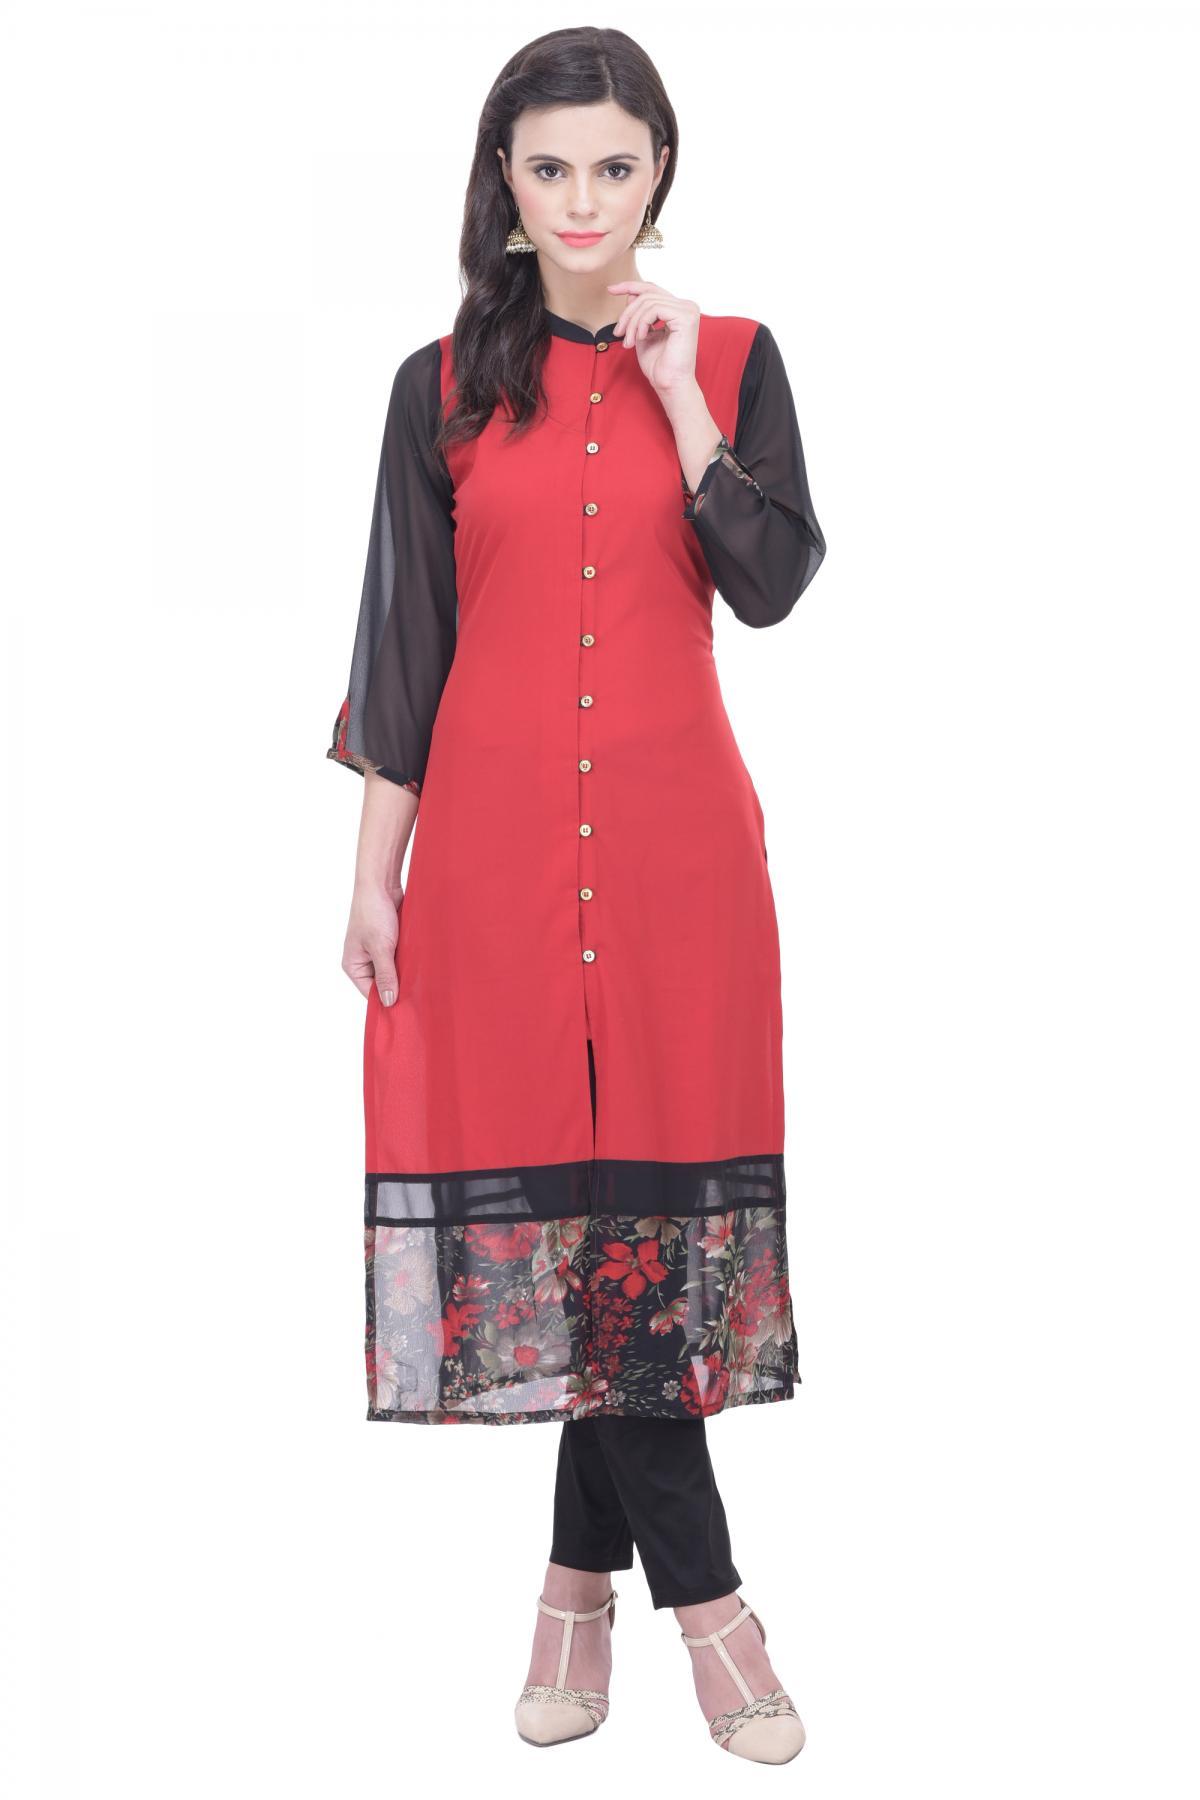 Clothing Person Fashion #76429